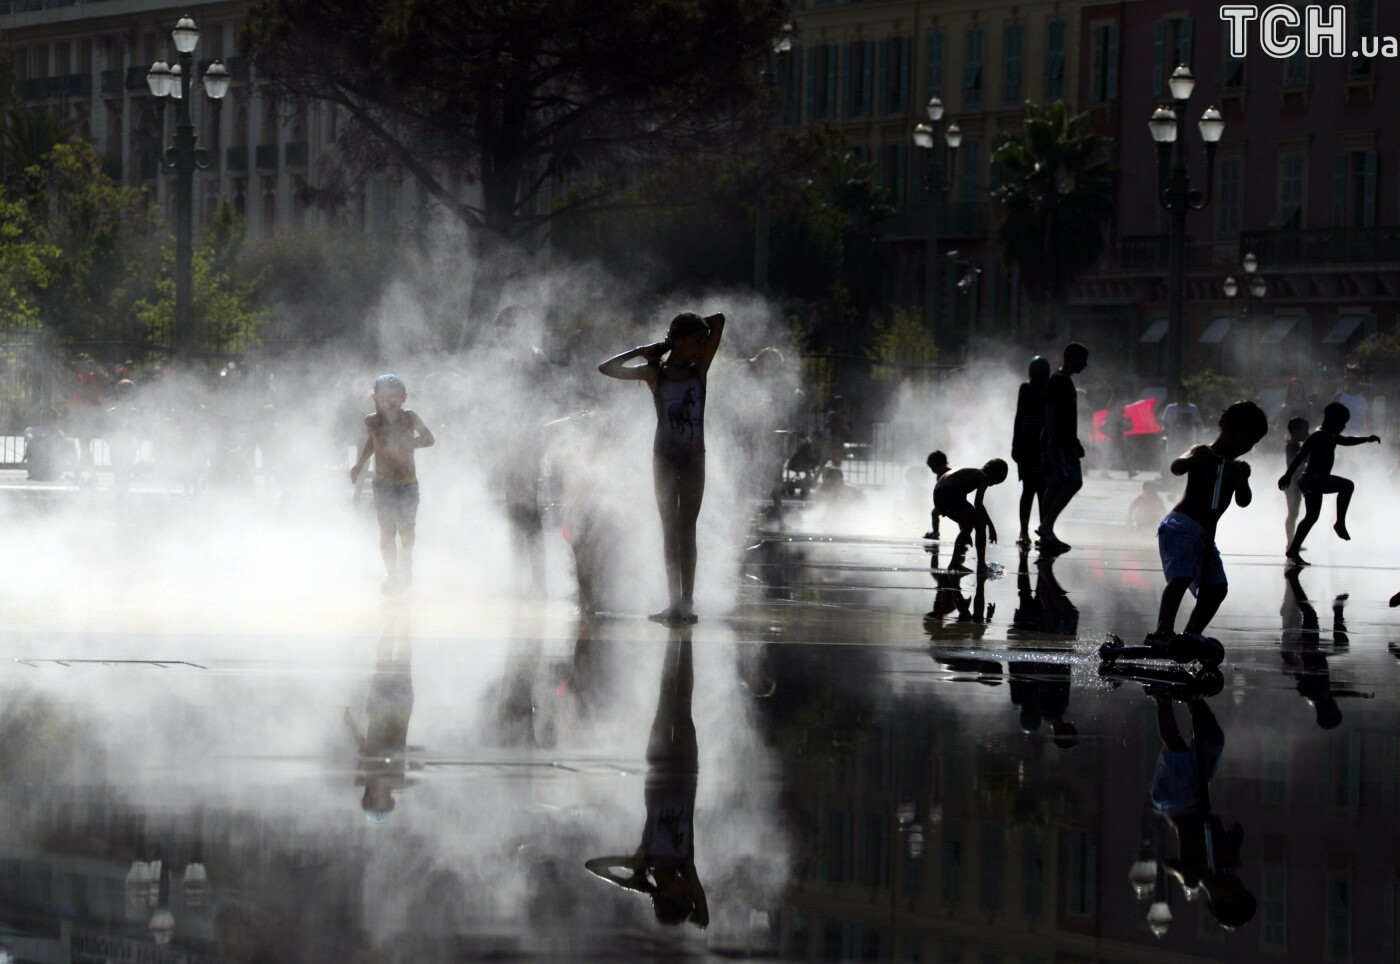 Безкоштовна вода, фонтани та взуття для собак. Як в інших країнах вирішують проблеми зі спекою, фото-2